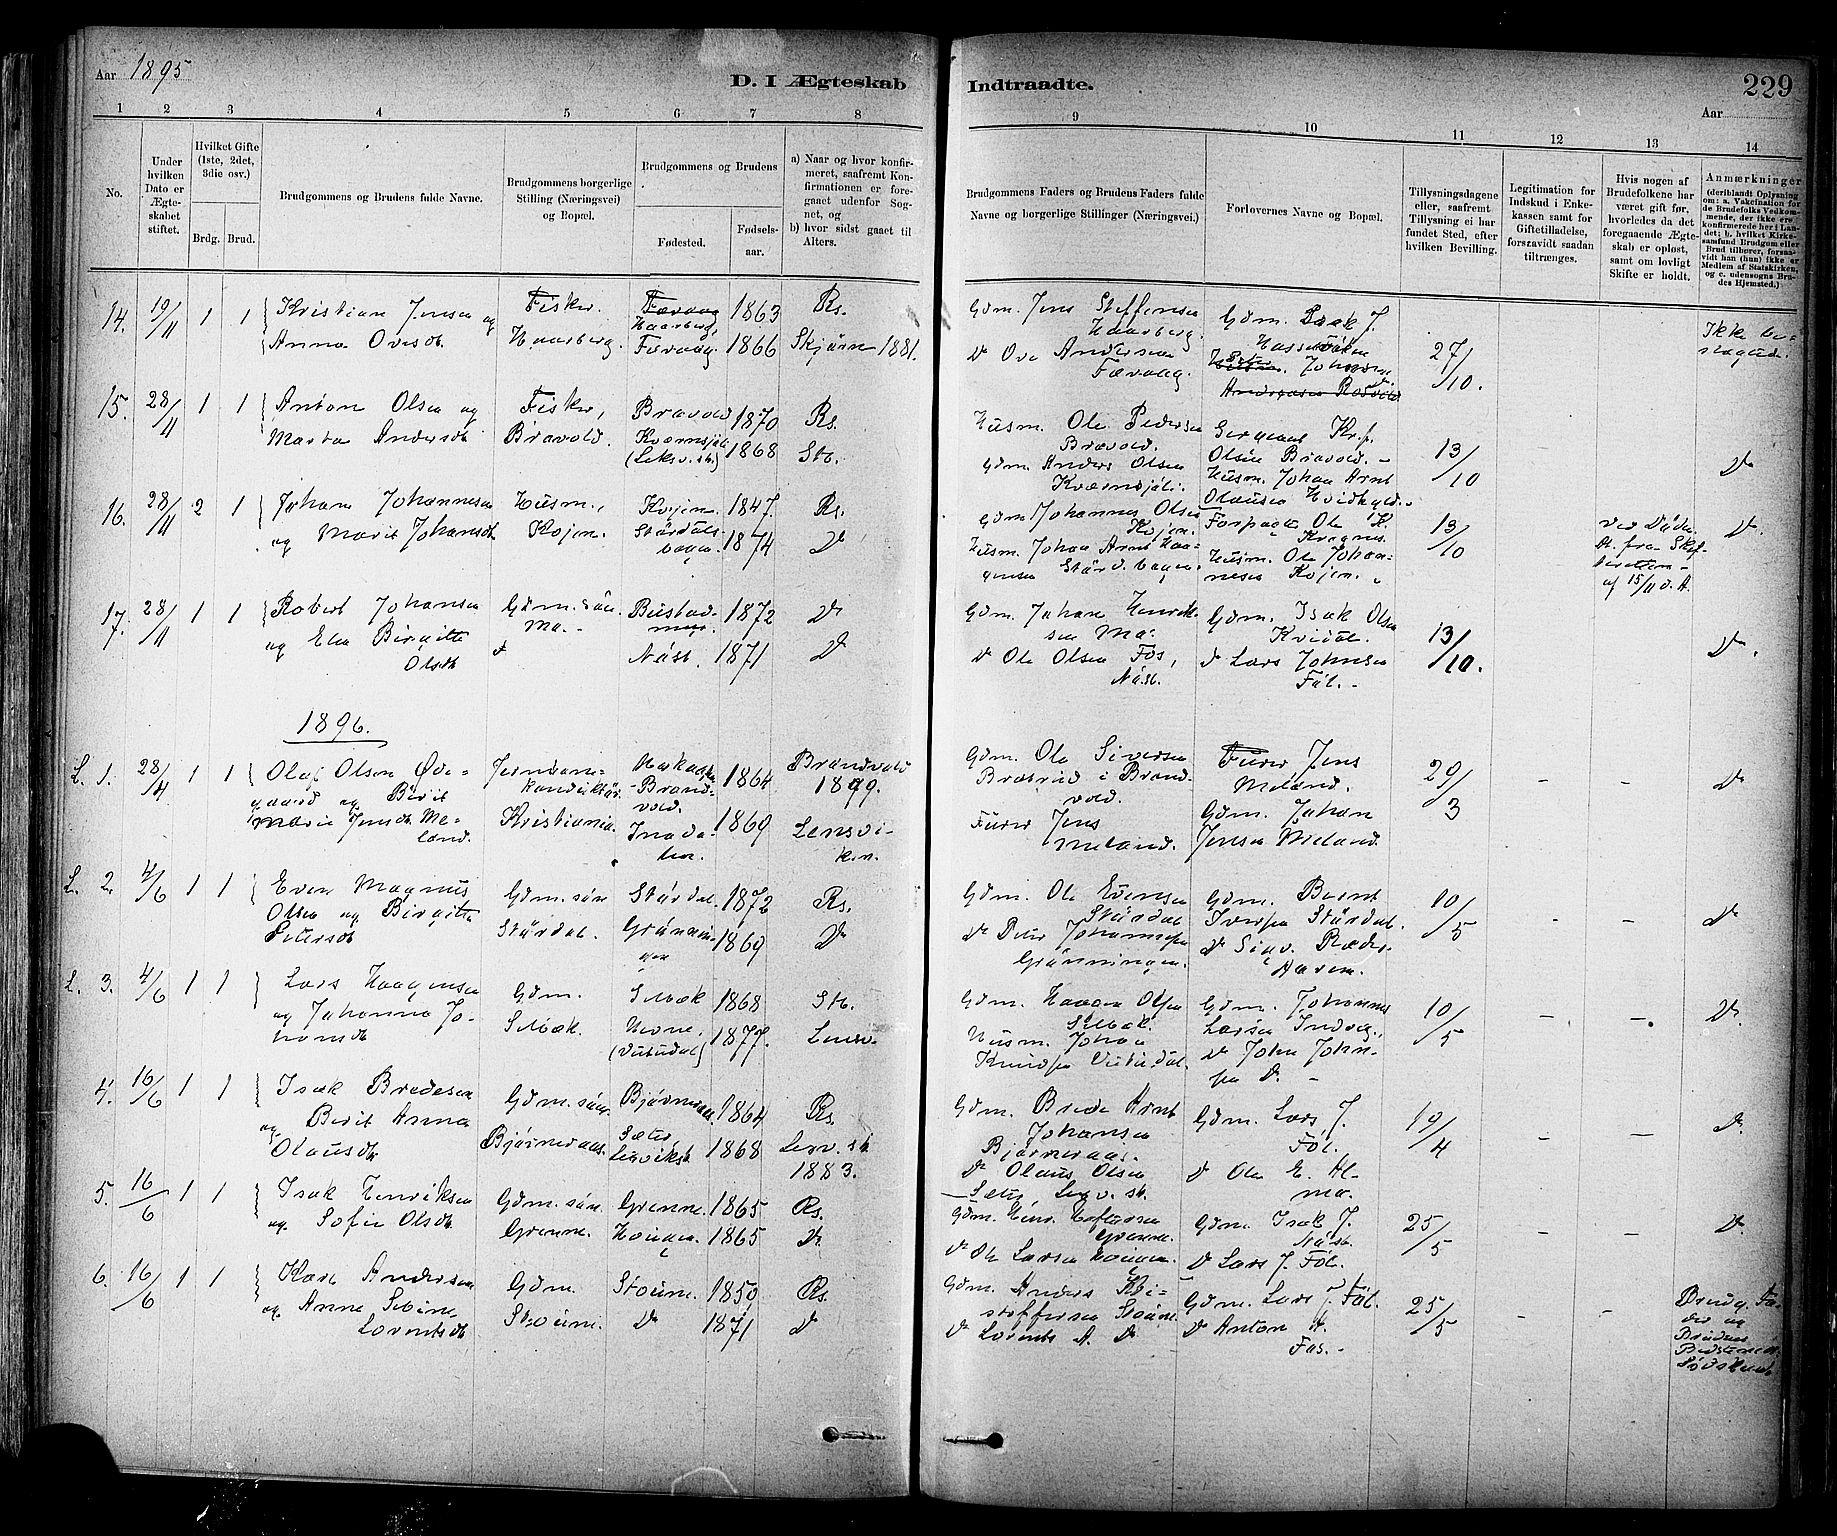 SAT, Ministerialprotokoller, klokkerbøker og fødselsregistre - Sør-Trøndelag, 647/L0634: Ministerialbok nr. 647A01, 1885-1896, s. 229